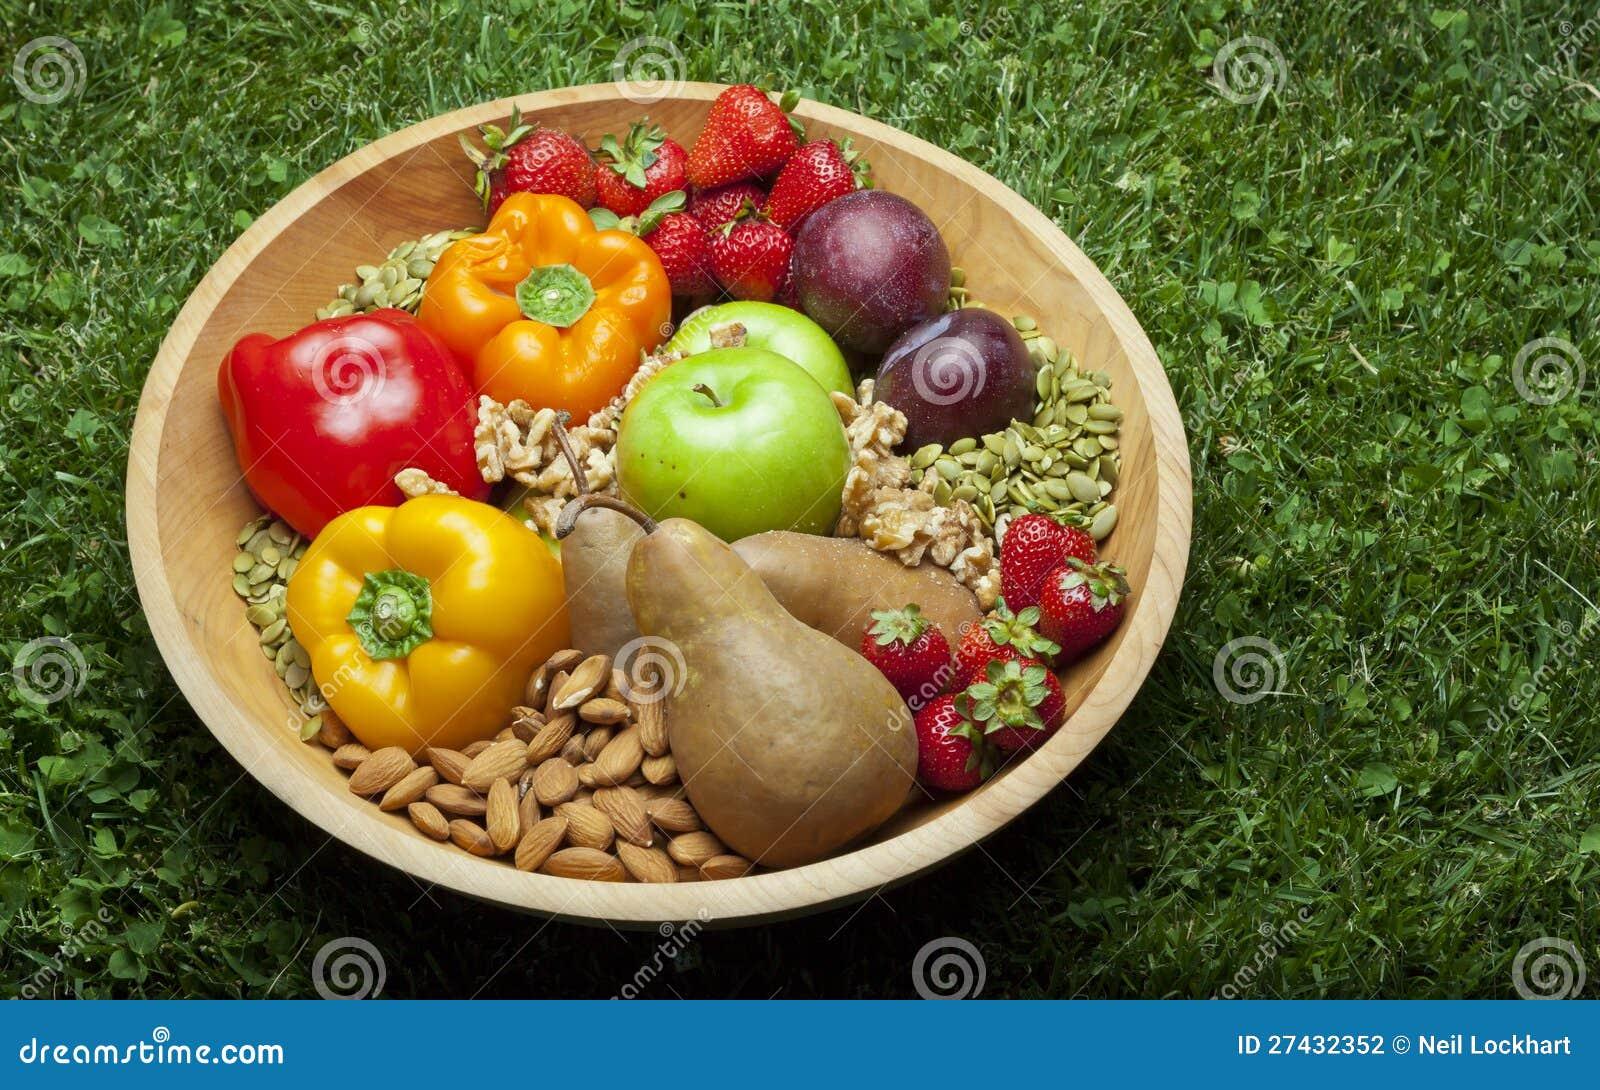 Paleo Foods in Bowl